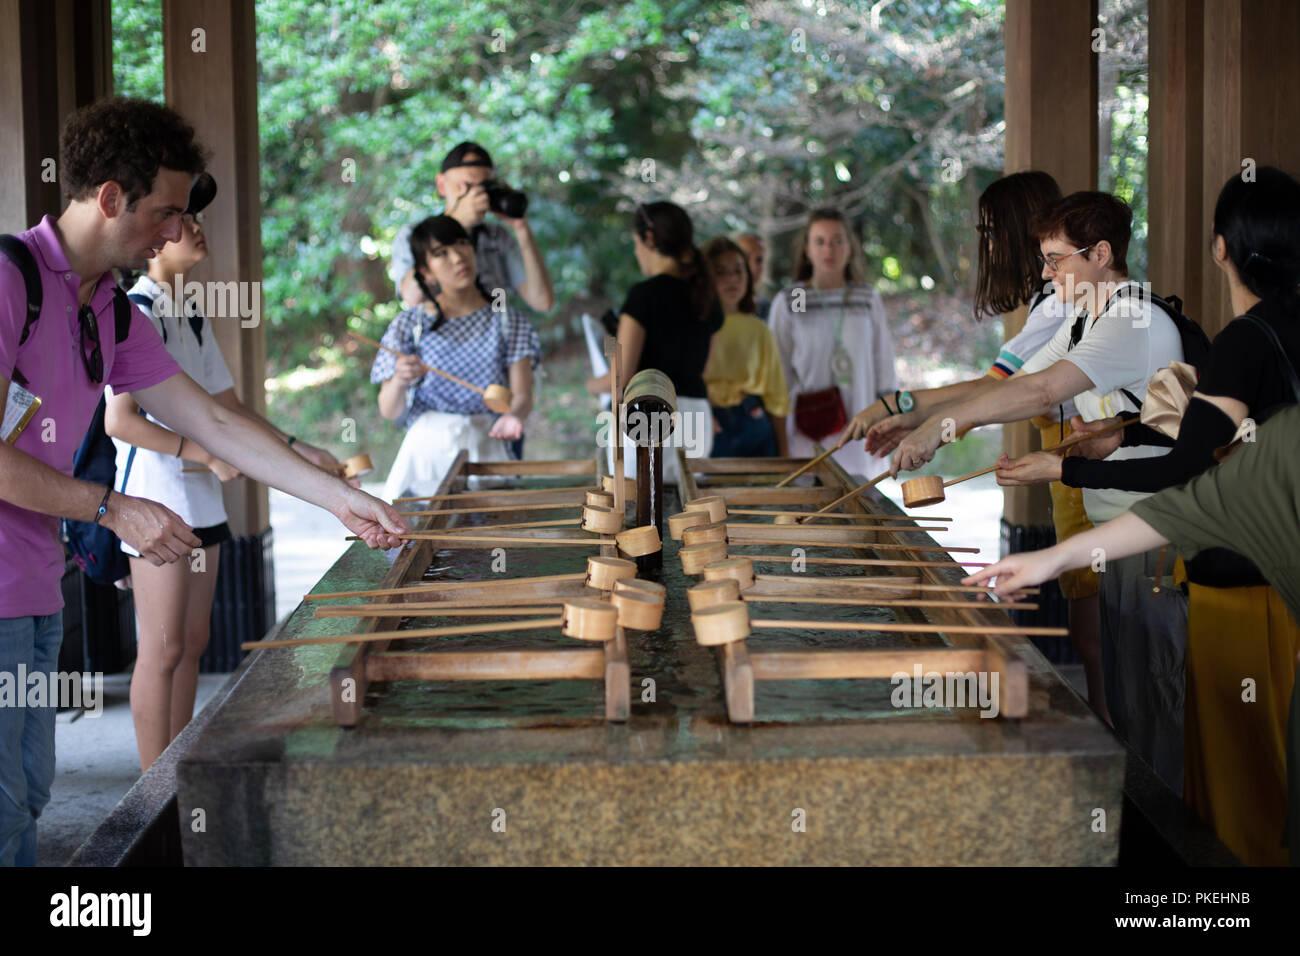 Les visiteurs du sanctuaire de Meiji à Tokyo nettoyer les mains dans une procédure de purification rituelle. Photo Stock